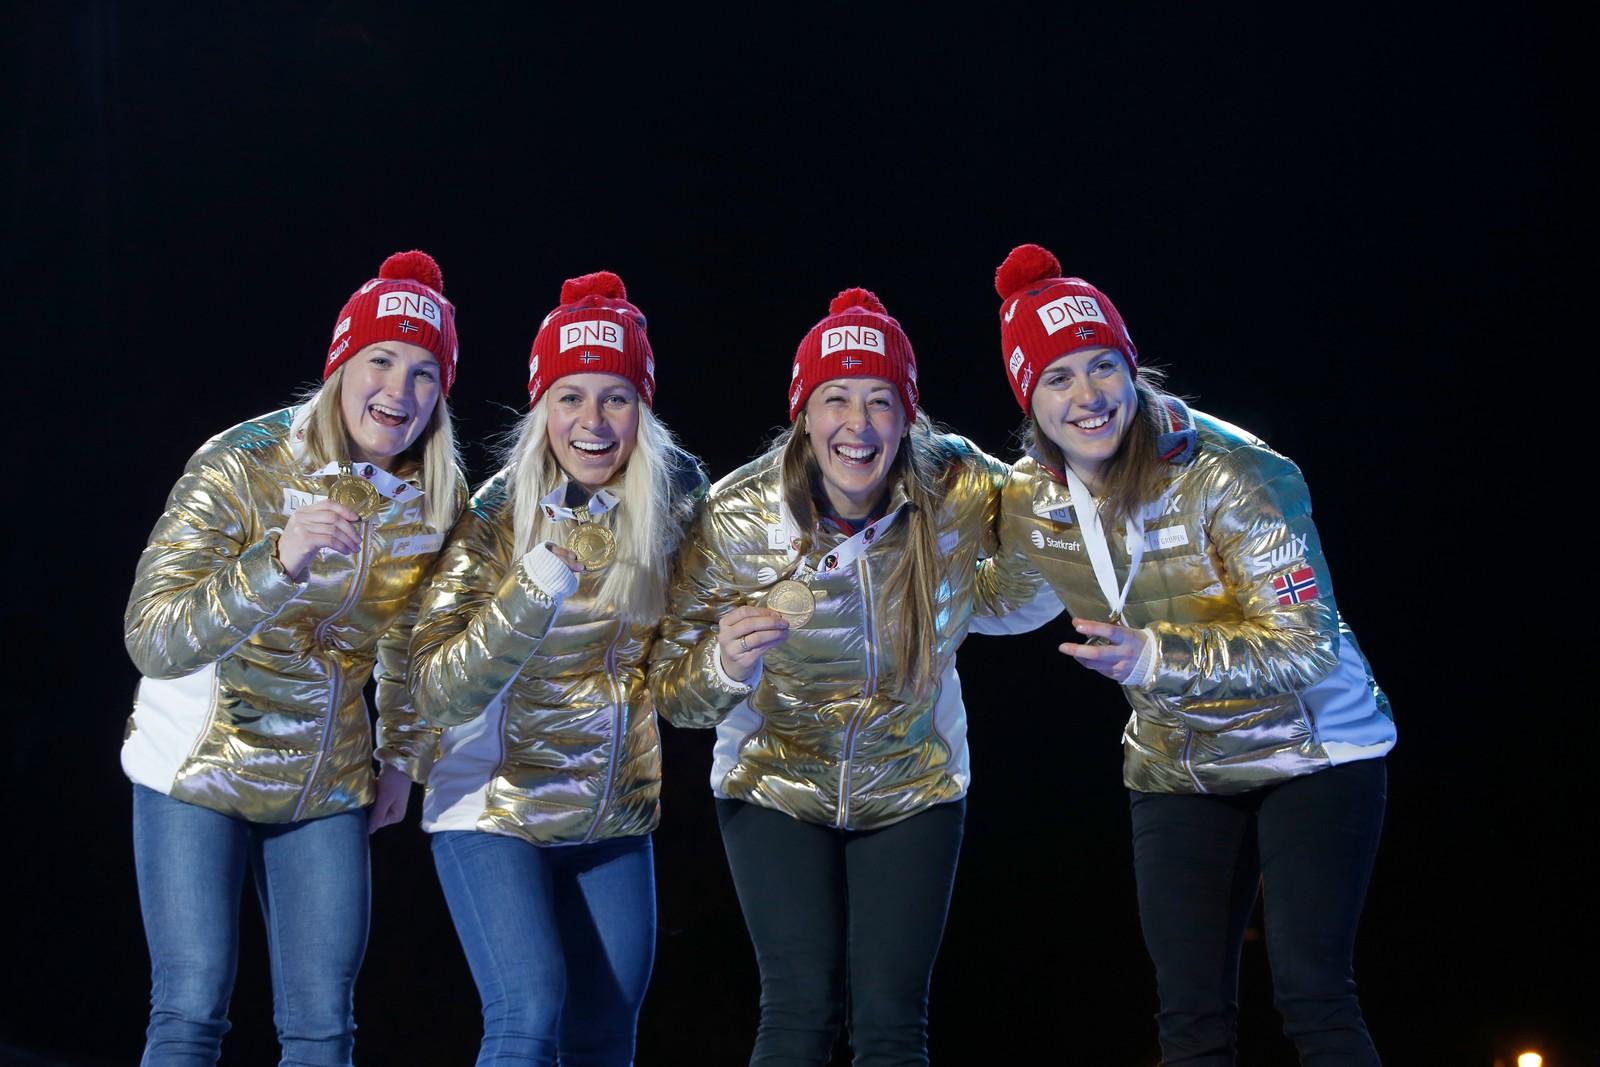 Premieutdeling stafett kvinner VM i skiskyting i Oslo sentrum. Gulljentene fra v marte Olsbu, Tiril Eckhoff, Fanny Horn Birkeland og Synnøve Solemdal.